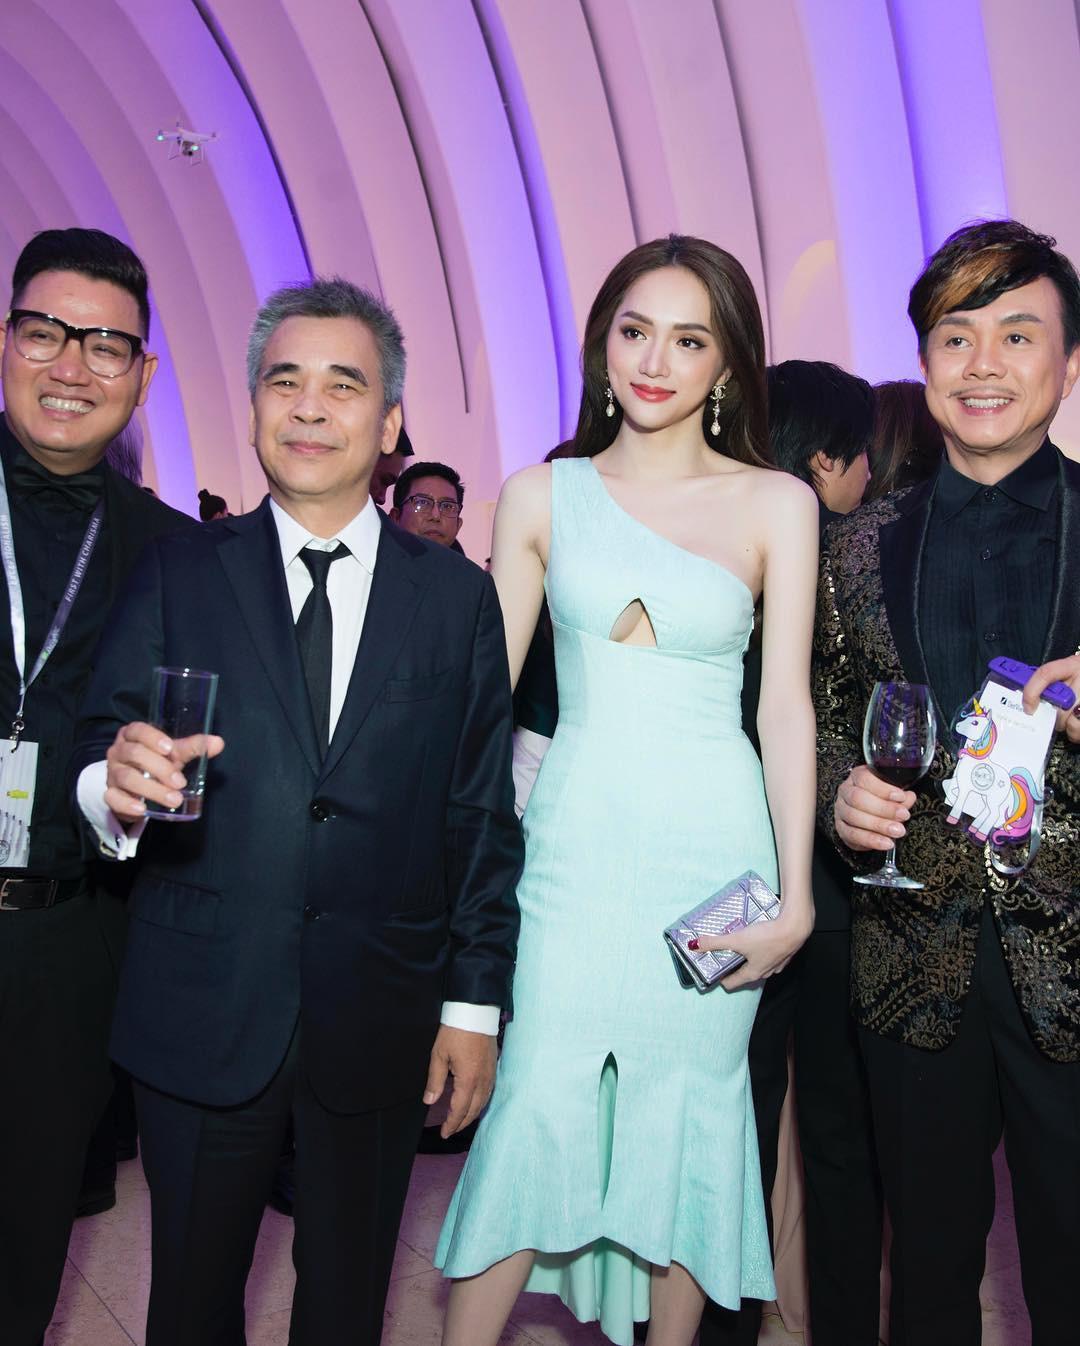 Cộng đồng LGBT thế giới hôm nay (22/04): Hương Giang diện đầm khoét ngực siêu quyến rũ tại sự kiện, fan tích cực chèo thuyền đam mỹ Harry Lu và B Trần - Ảnh 5.